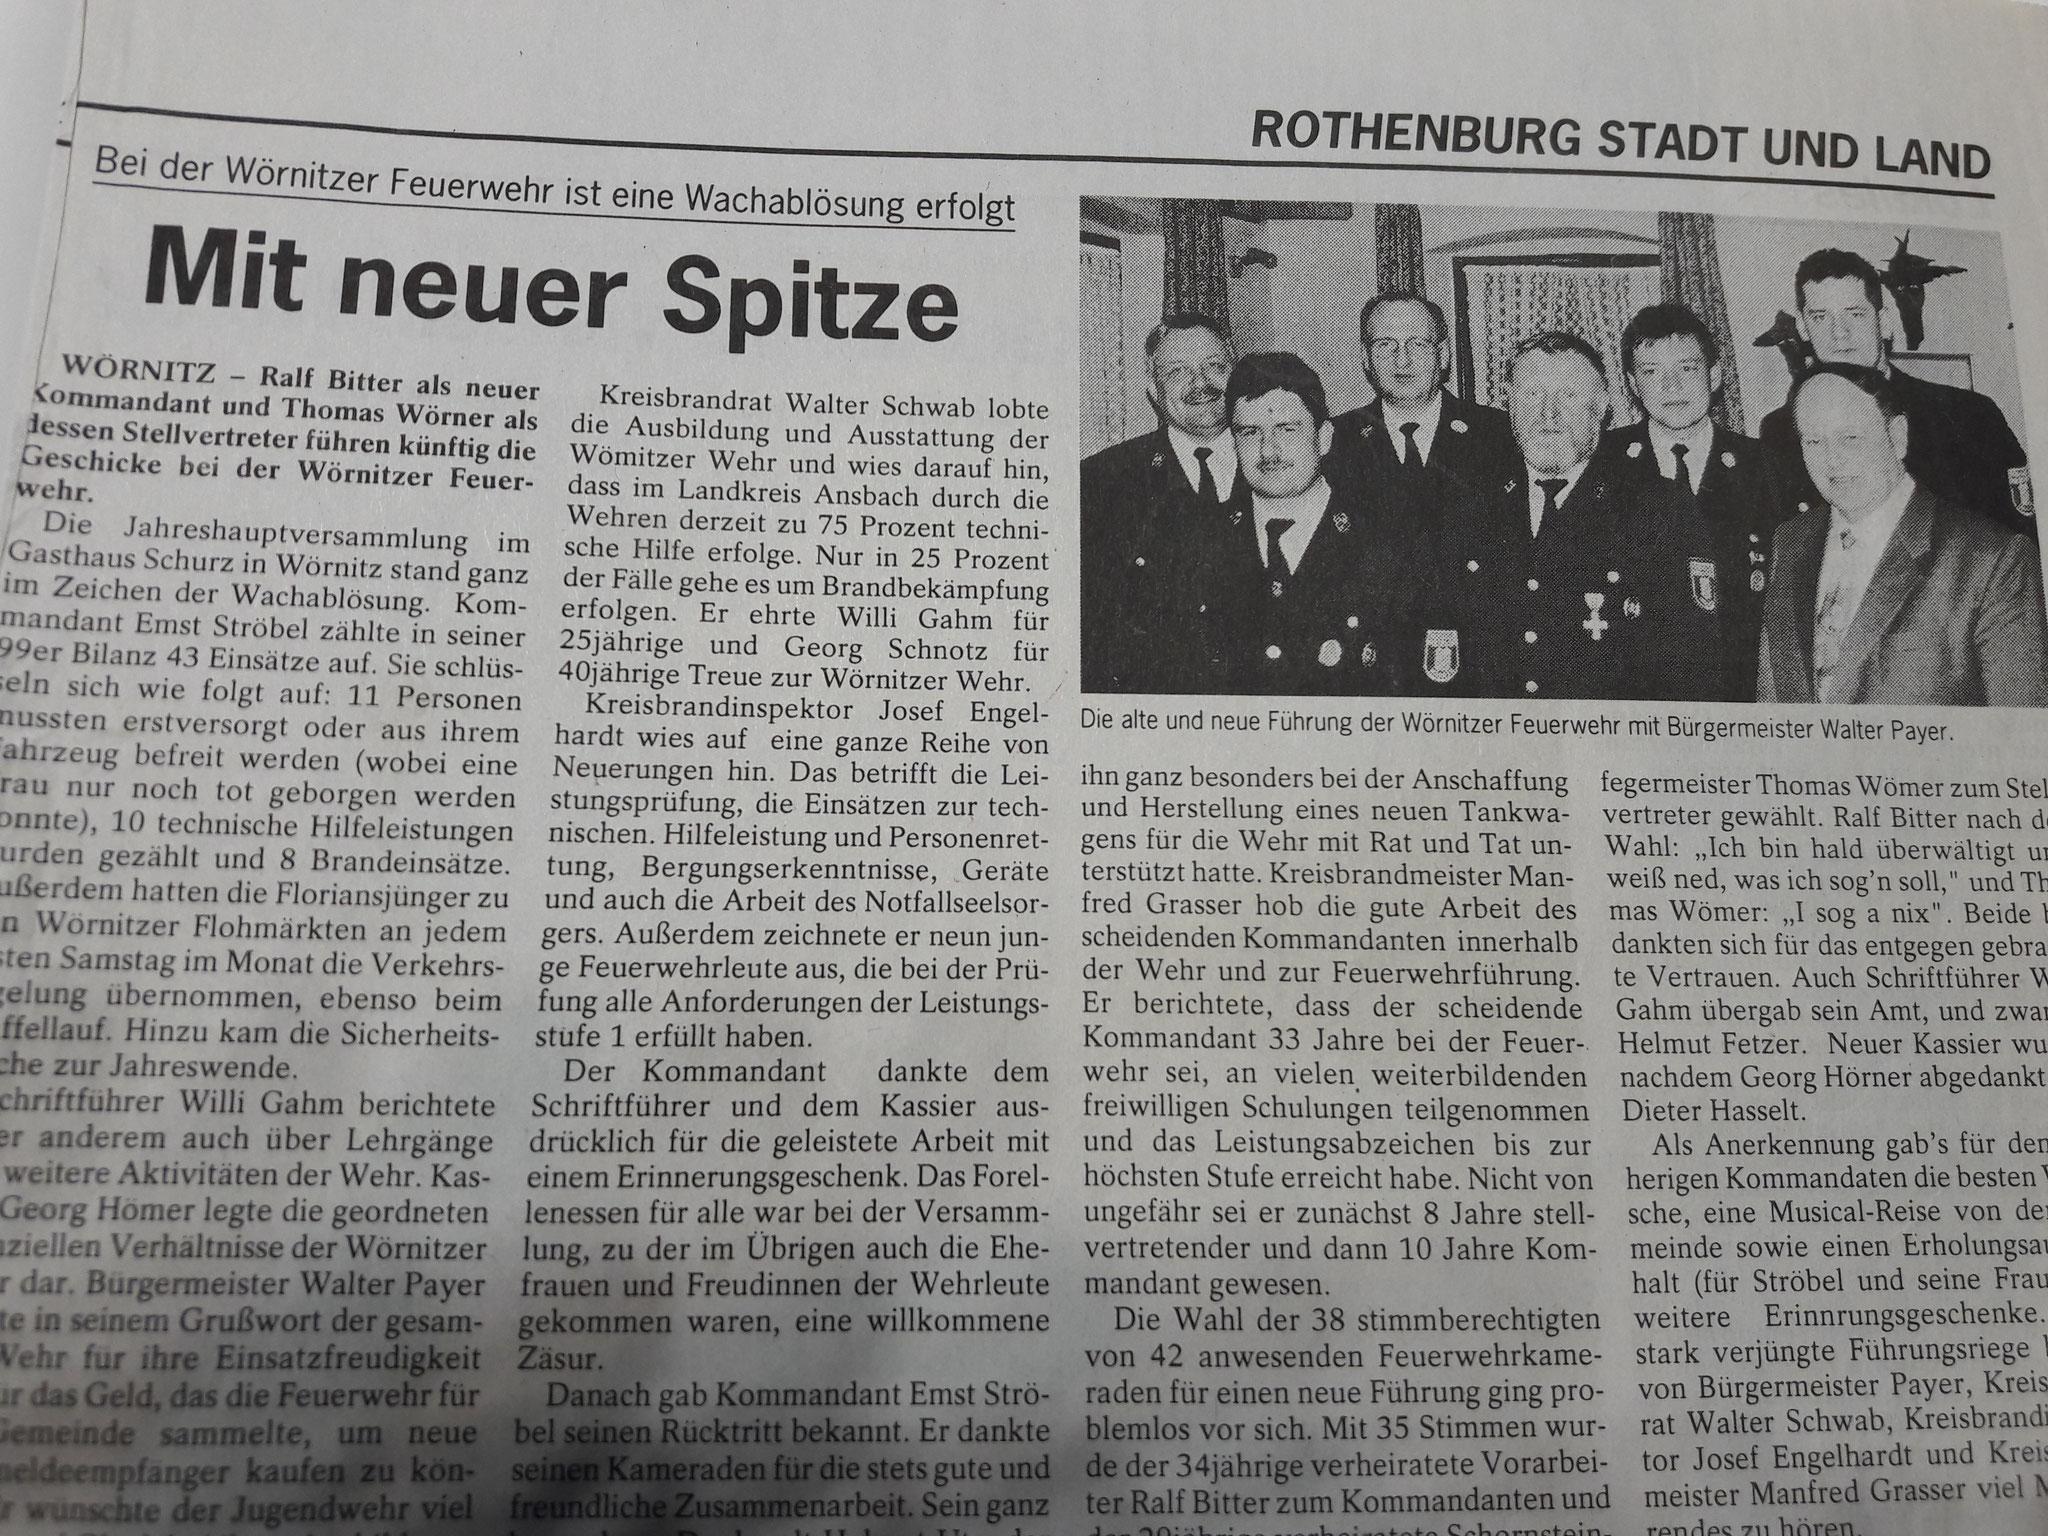 Zeitungsbericht zur Amtsübergabe